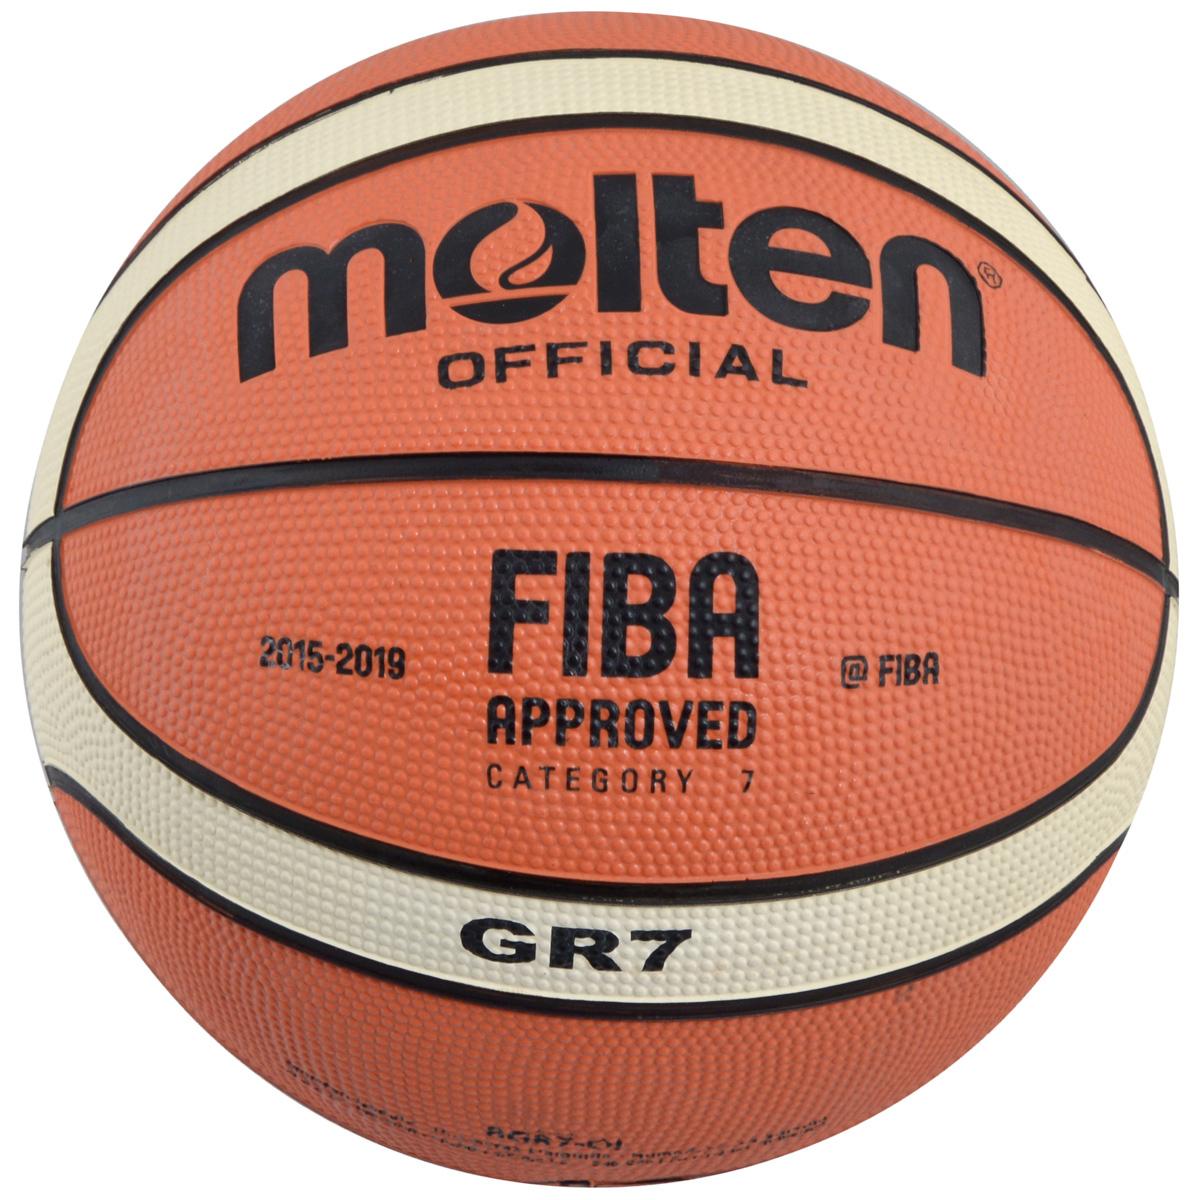 Мяч баскетбольный Molten. Размер 7. BGR7-OIBGR7-OIБаскетбольный мяч Molten отлично подходит для соревнований и тренировок профессионального уровня, обладает высокой прочностью, износостойкостью и игровыми характеристиками. Изготовлен из высококлассной композитной кожи. Шероховатая поверхность. 12-панельный дизайн. Предназначен для игры в зале. Одобрен FIBA. Окружность: 75 см.Материал камеры: резина.Материал покрышки: резина.